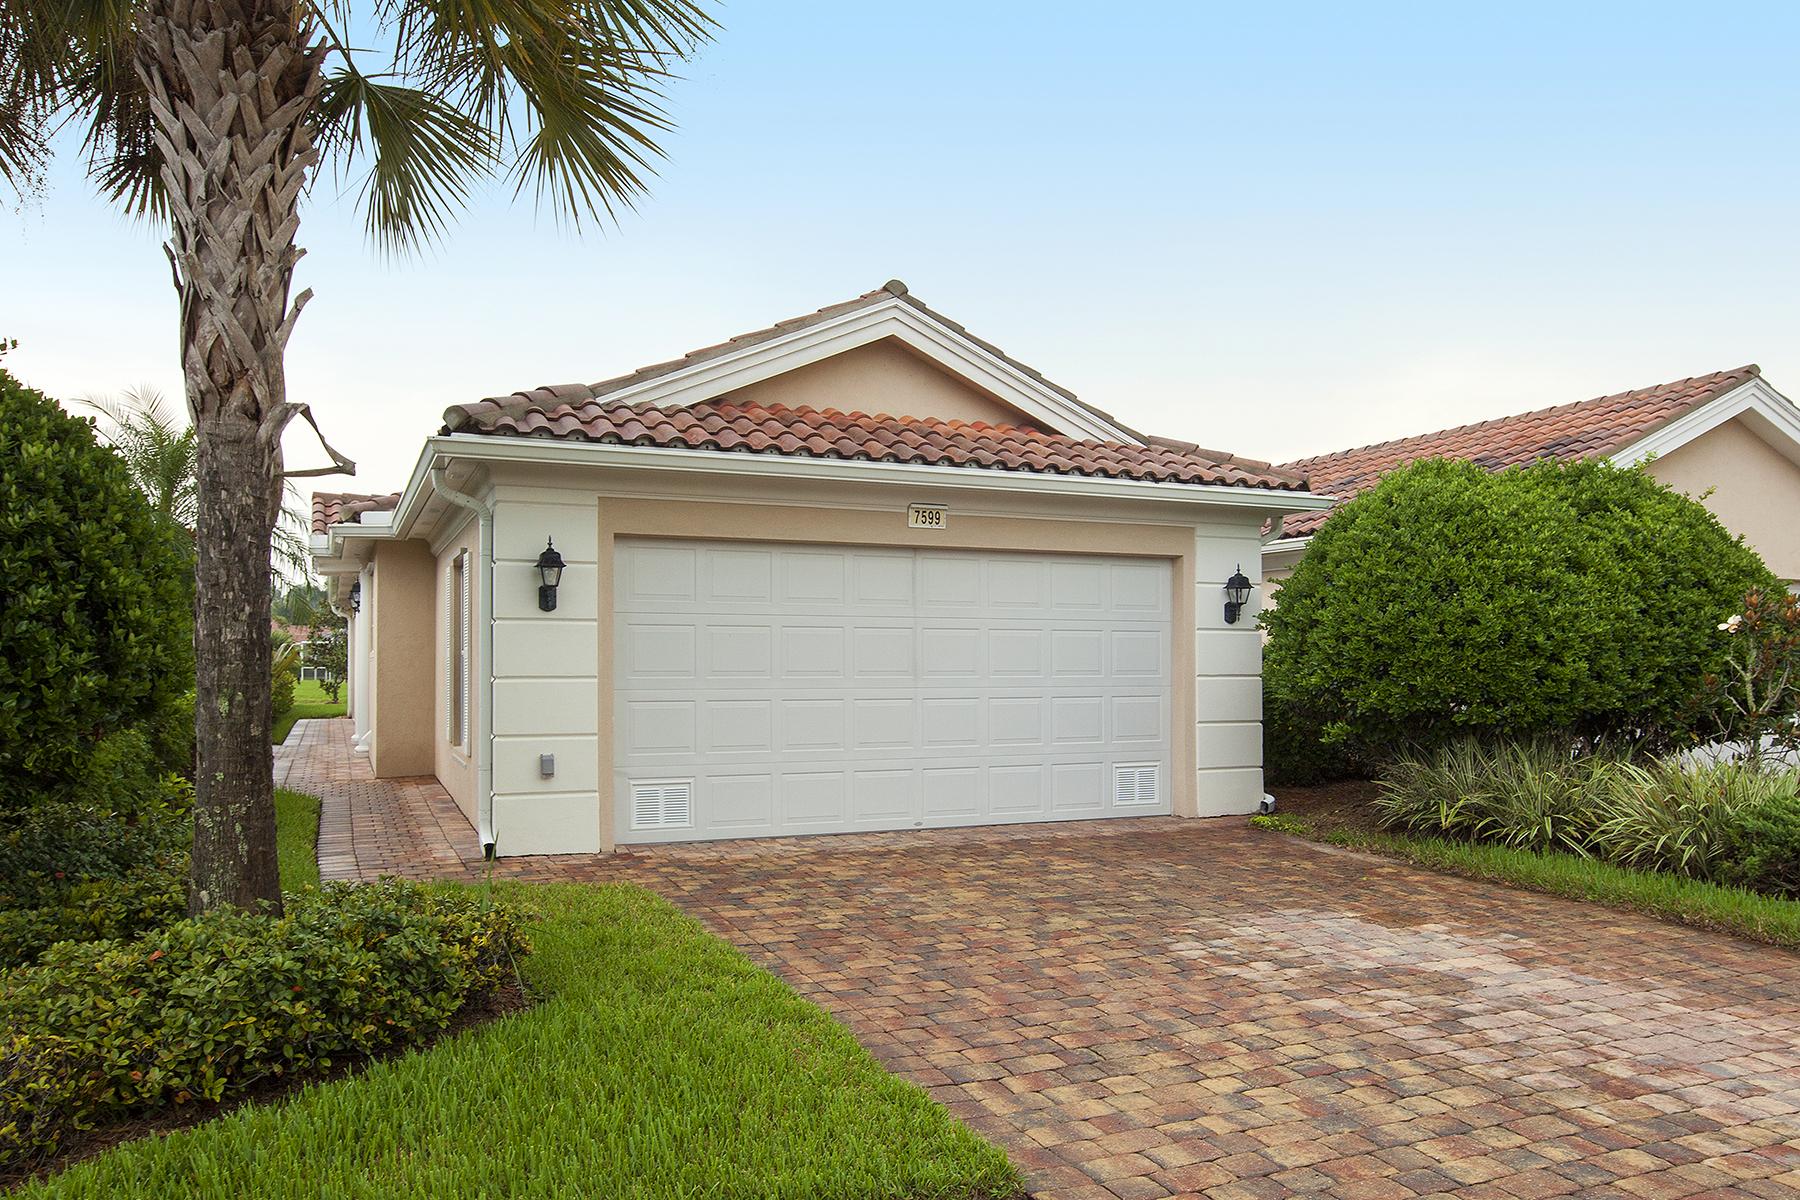 Stadthaus für Verkauf beim VERONA WALK 7599 Novara Ct Naples, Florida 34114 Vereinigte Staaten